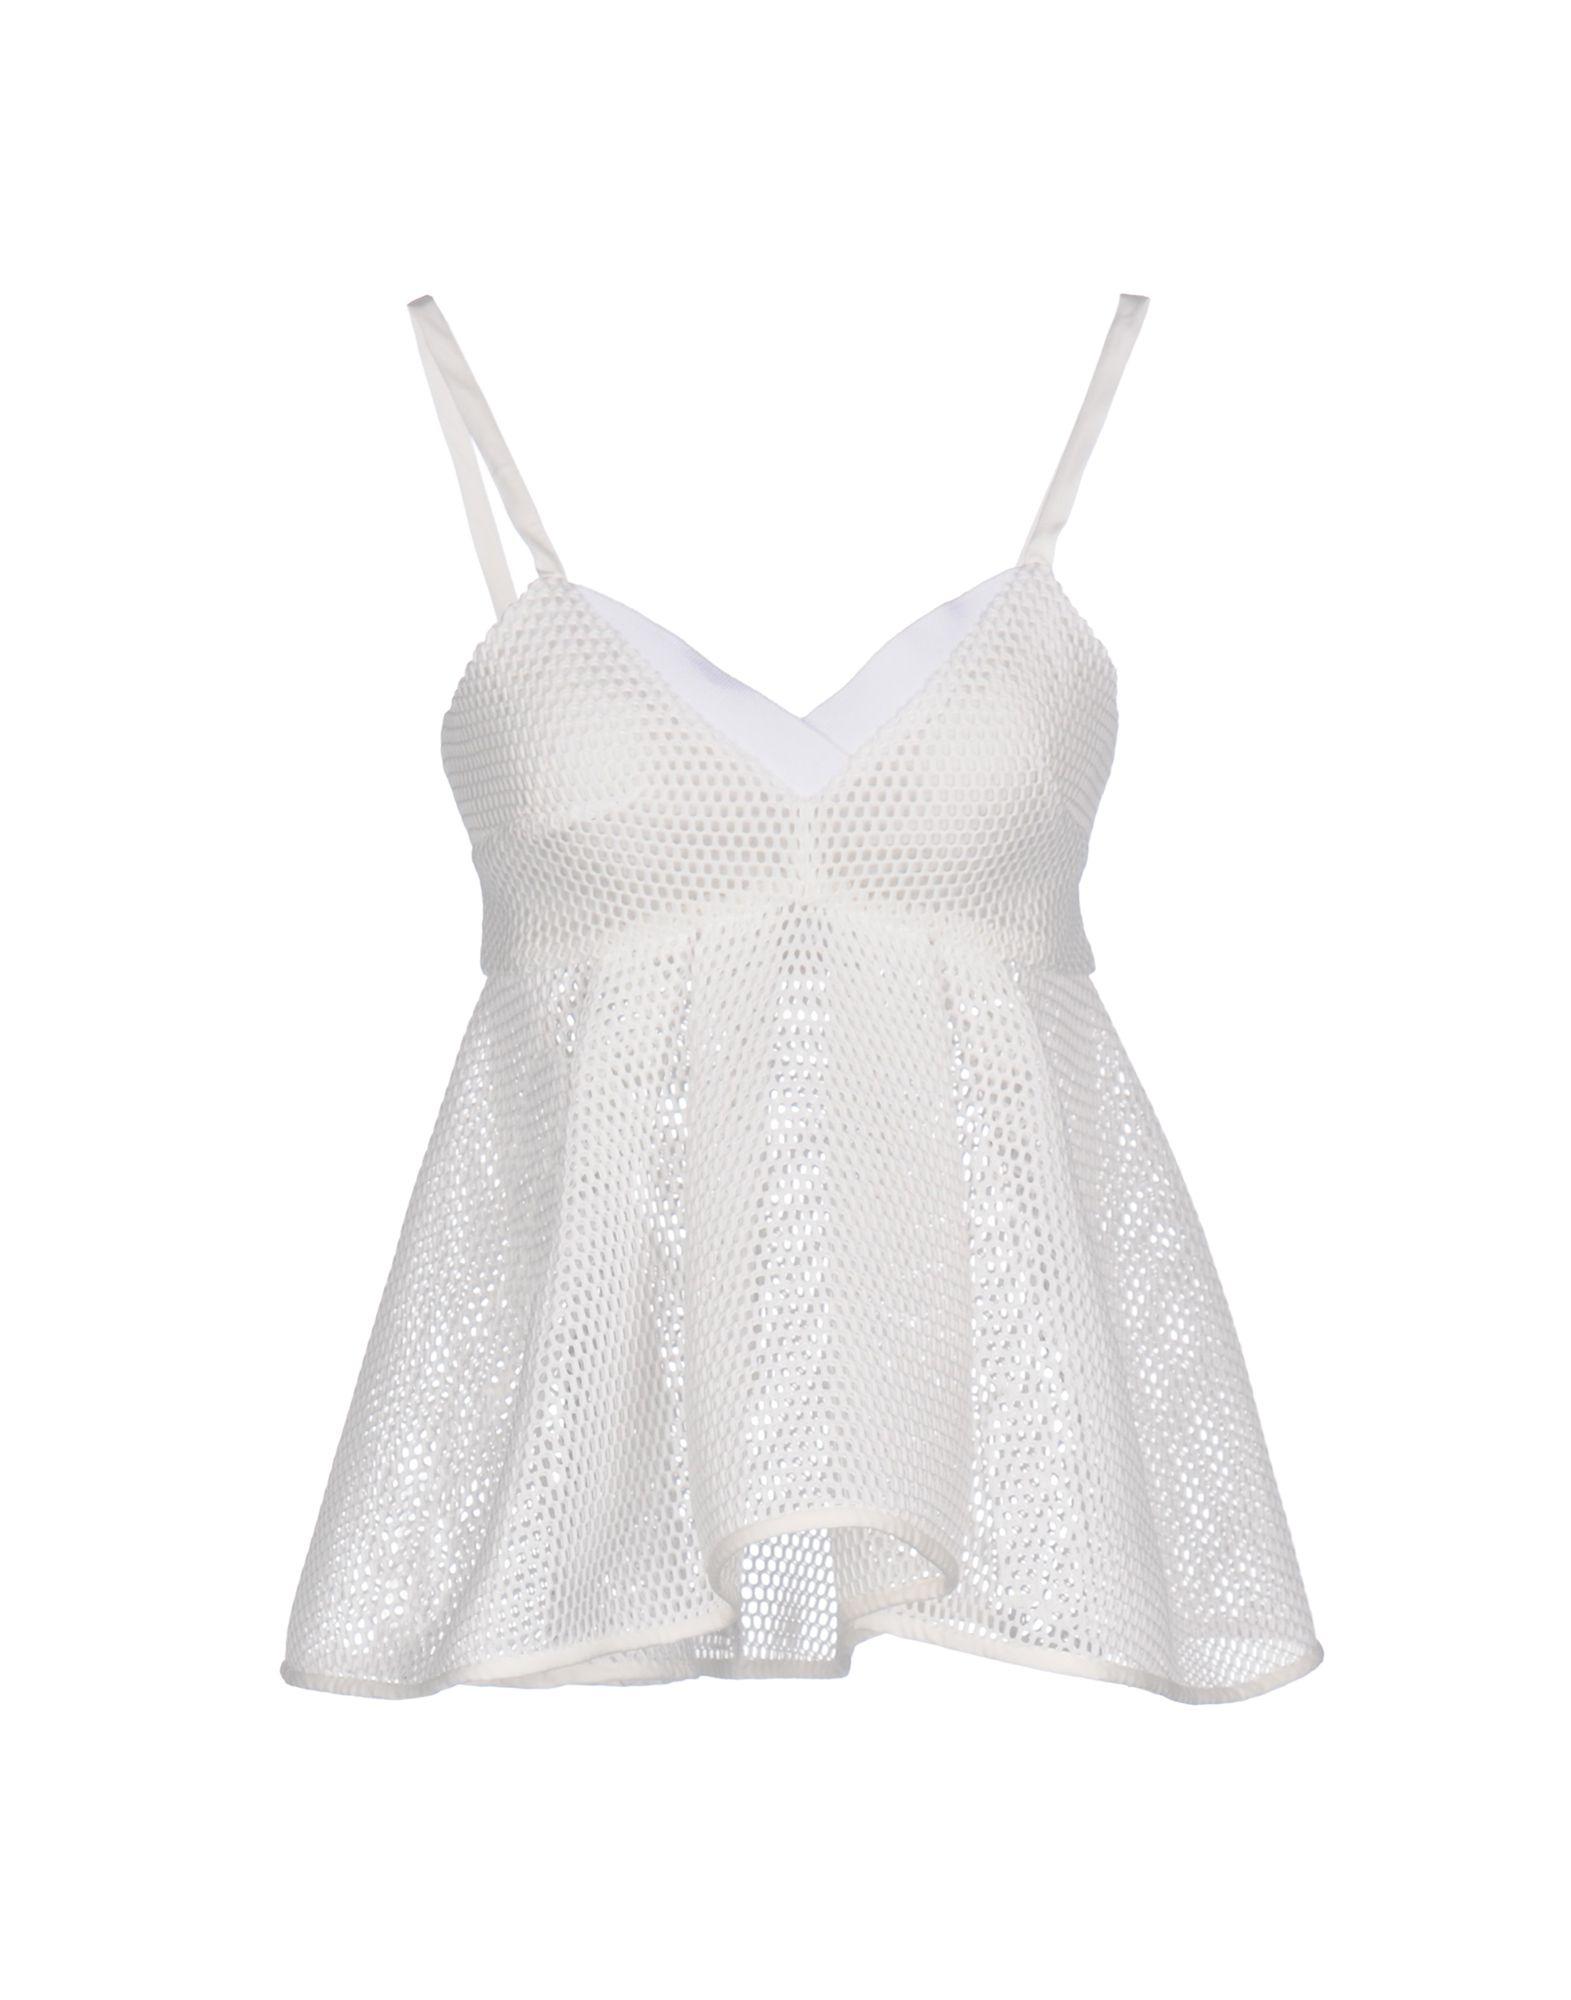 CO|TE Damen Top Farbe Weiß Größe 3 jetztbilligerkaufen